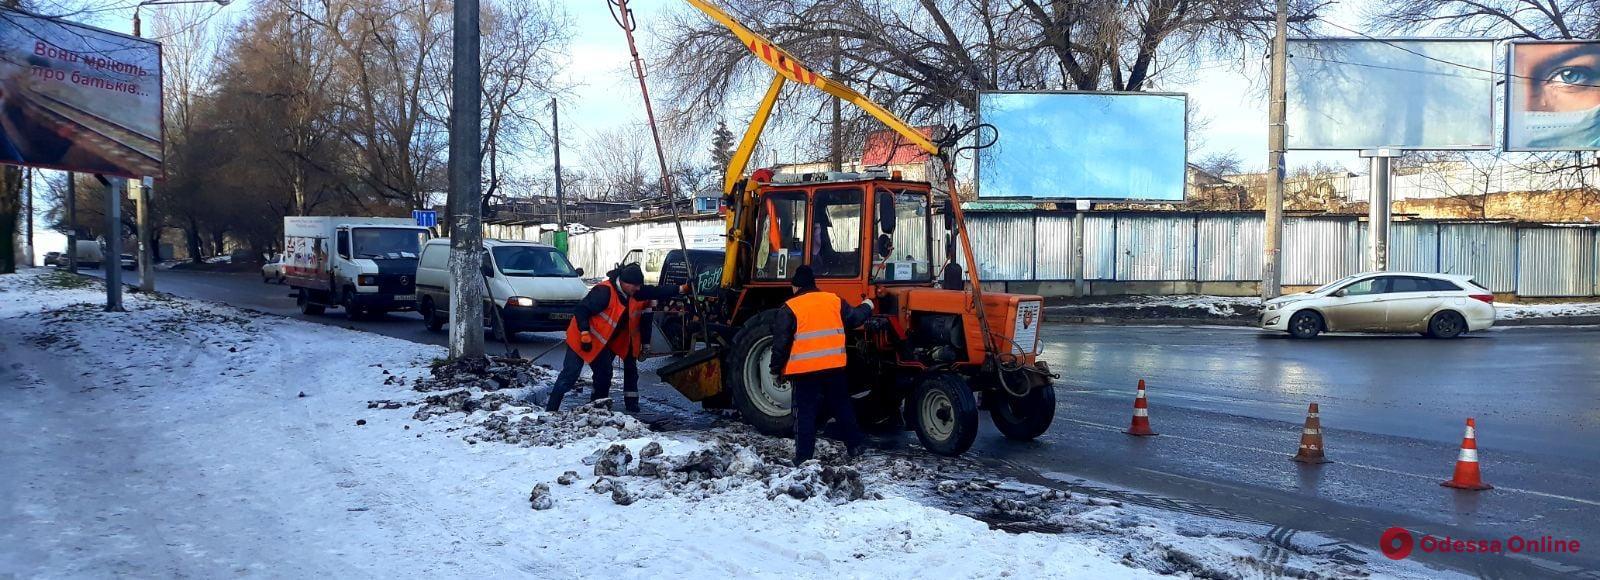 Одесские коммунальщики чистят ливневки и вывозят остатки снега